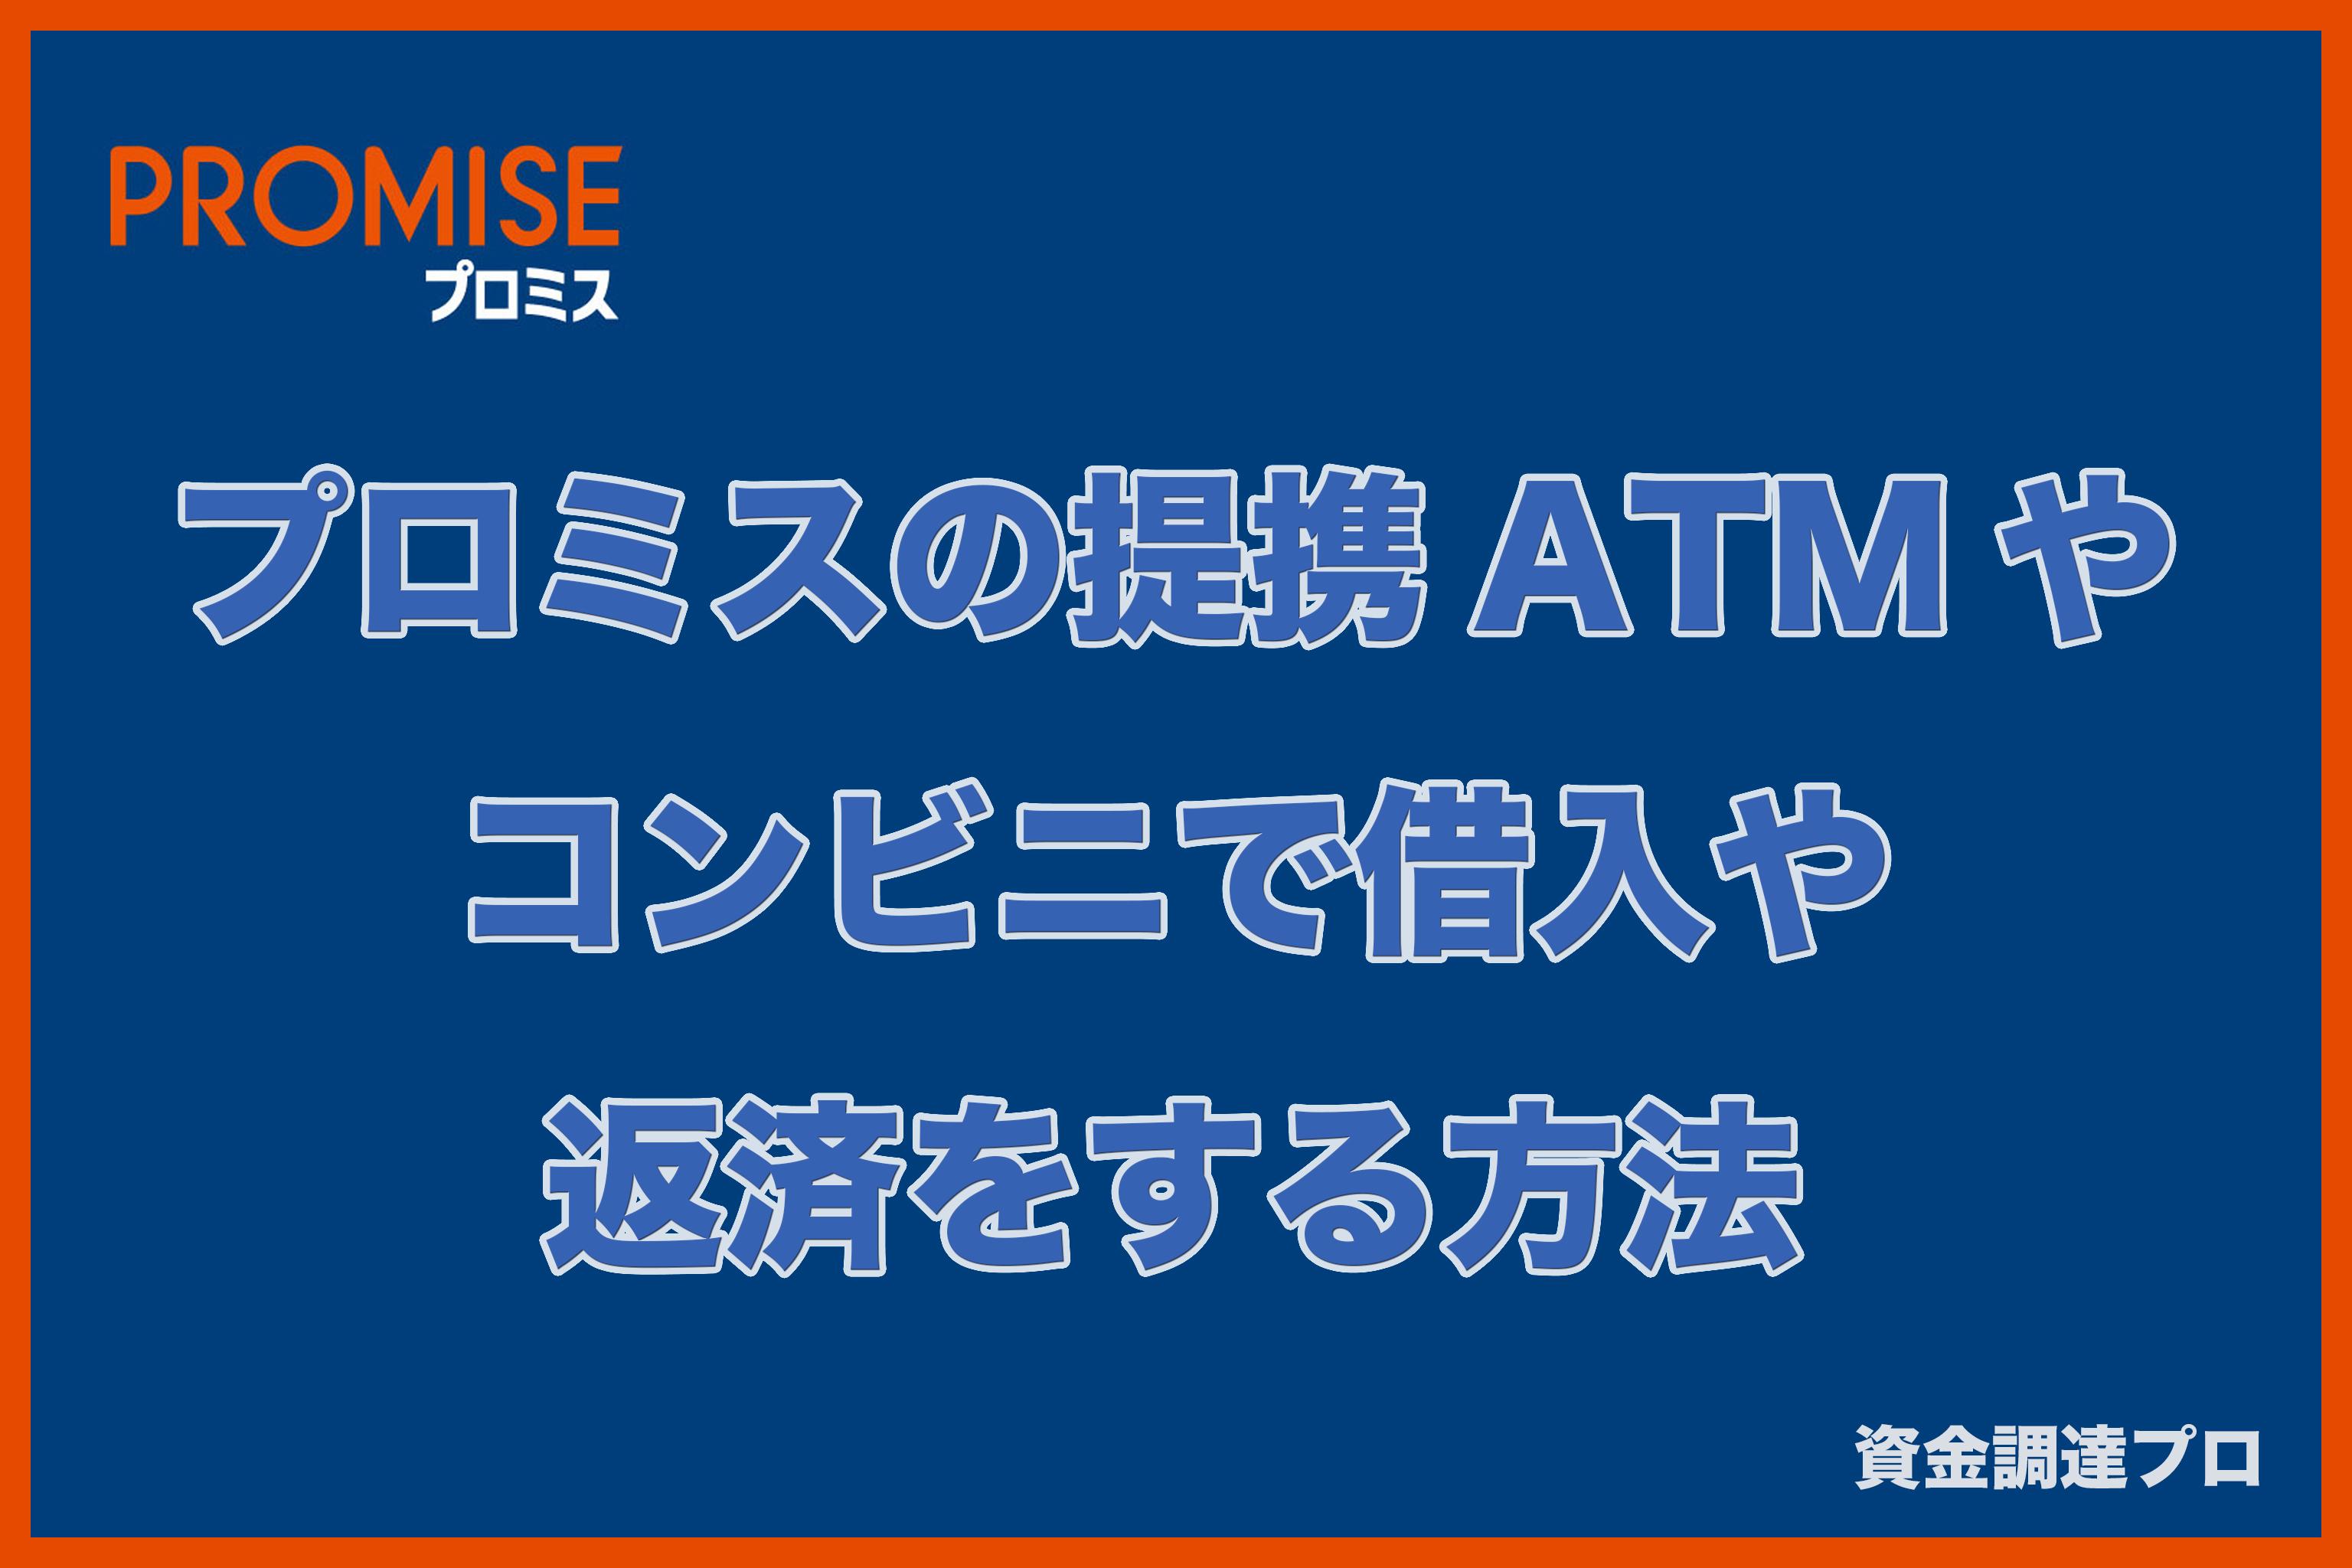 【最新2020年版】プロミスの提携ATMやコンビニで「借入と返済」をする方法!